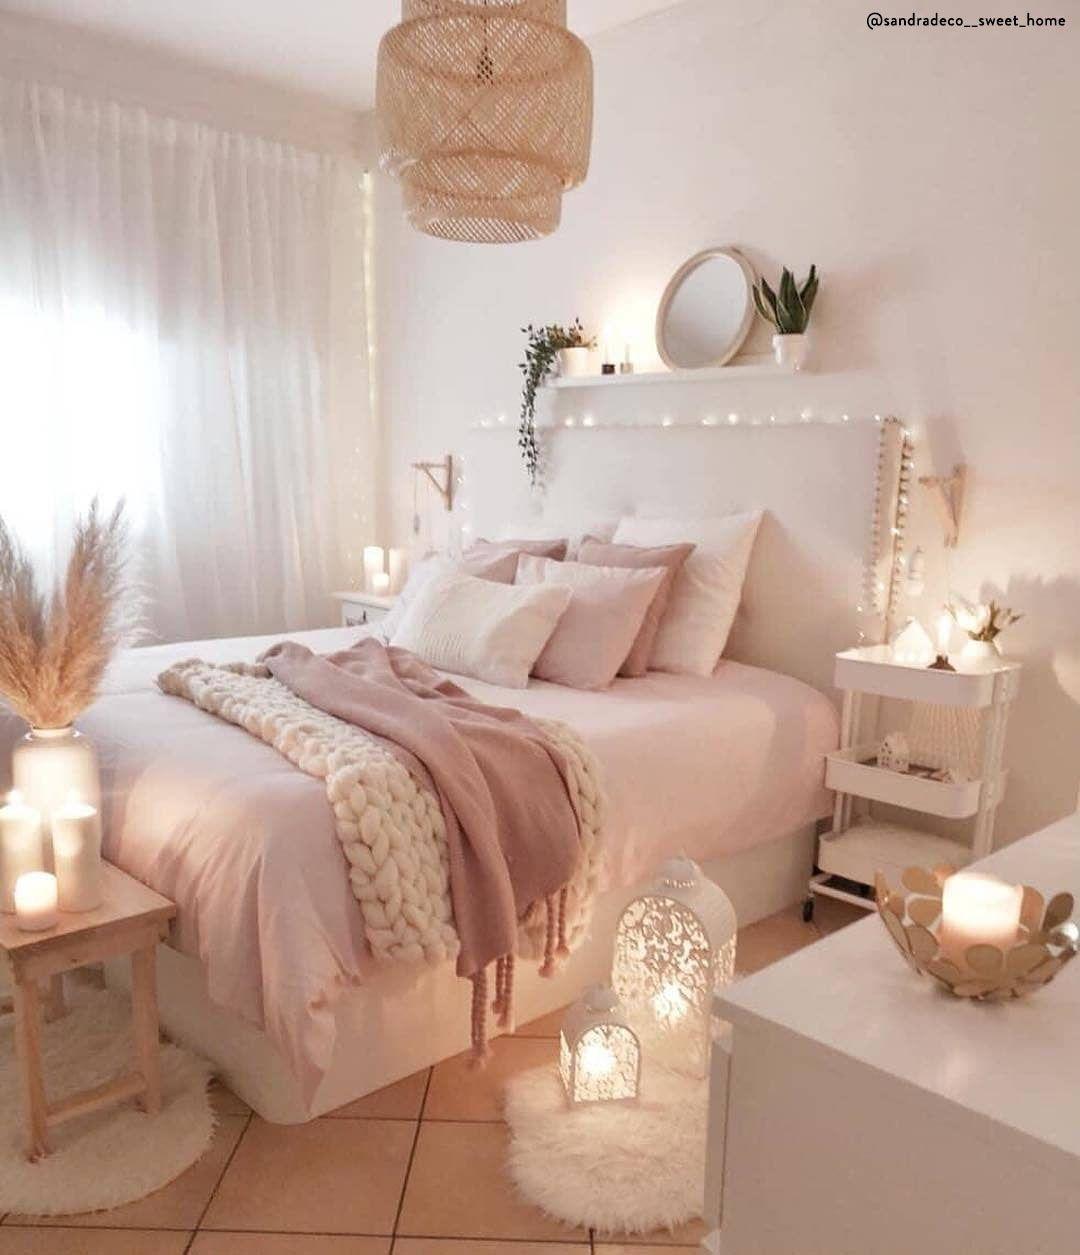 Photo of Romantico ed accogliente ✨ La camera da letto è il lugo del relax per eccelle…